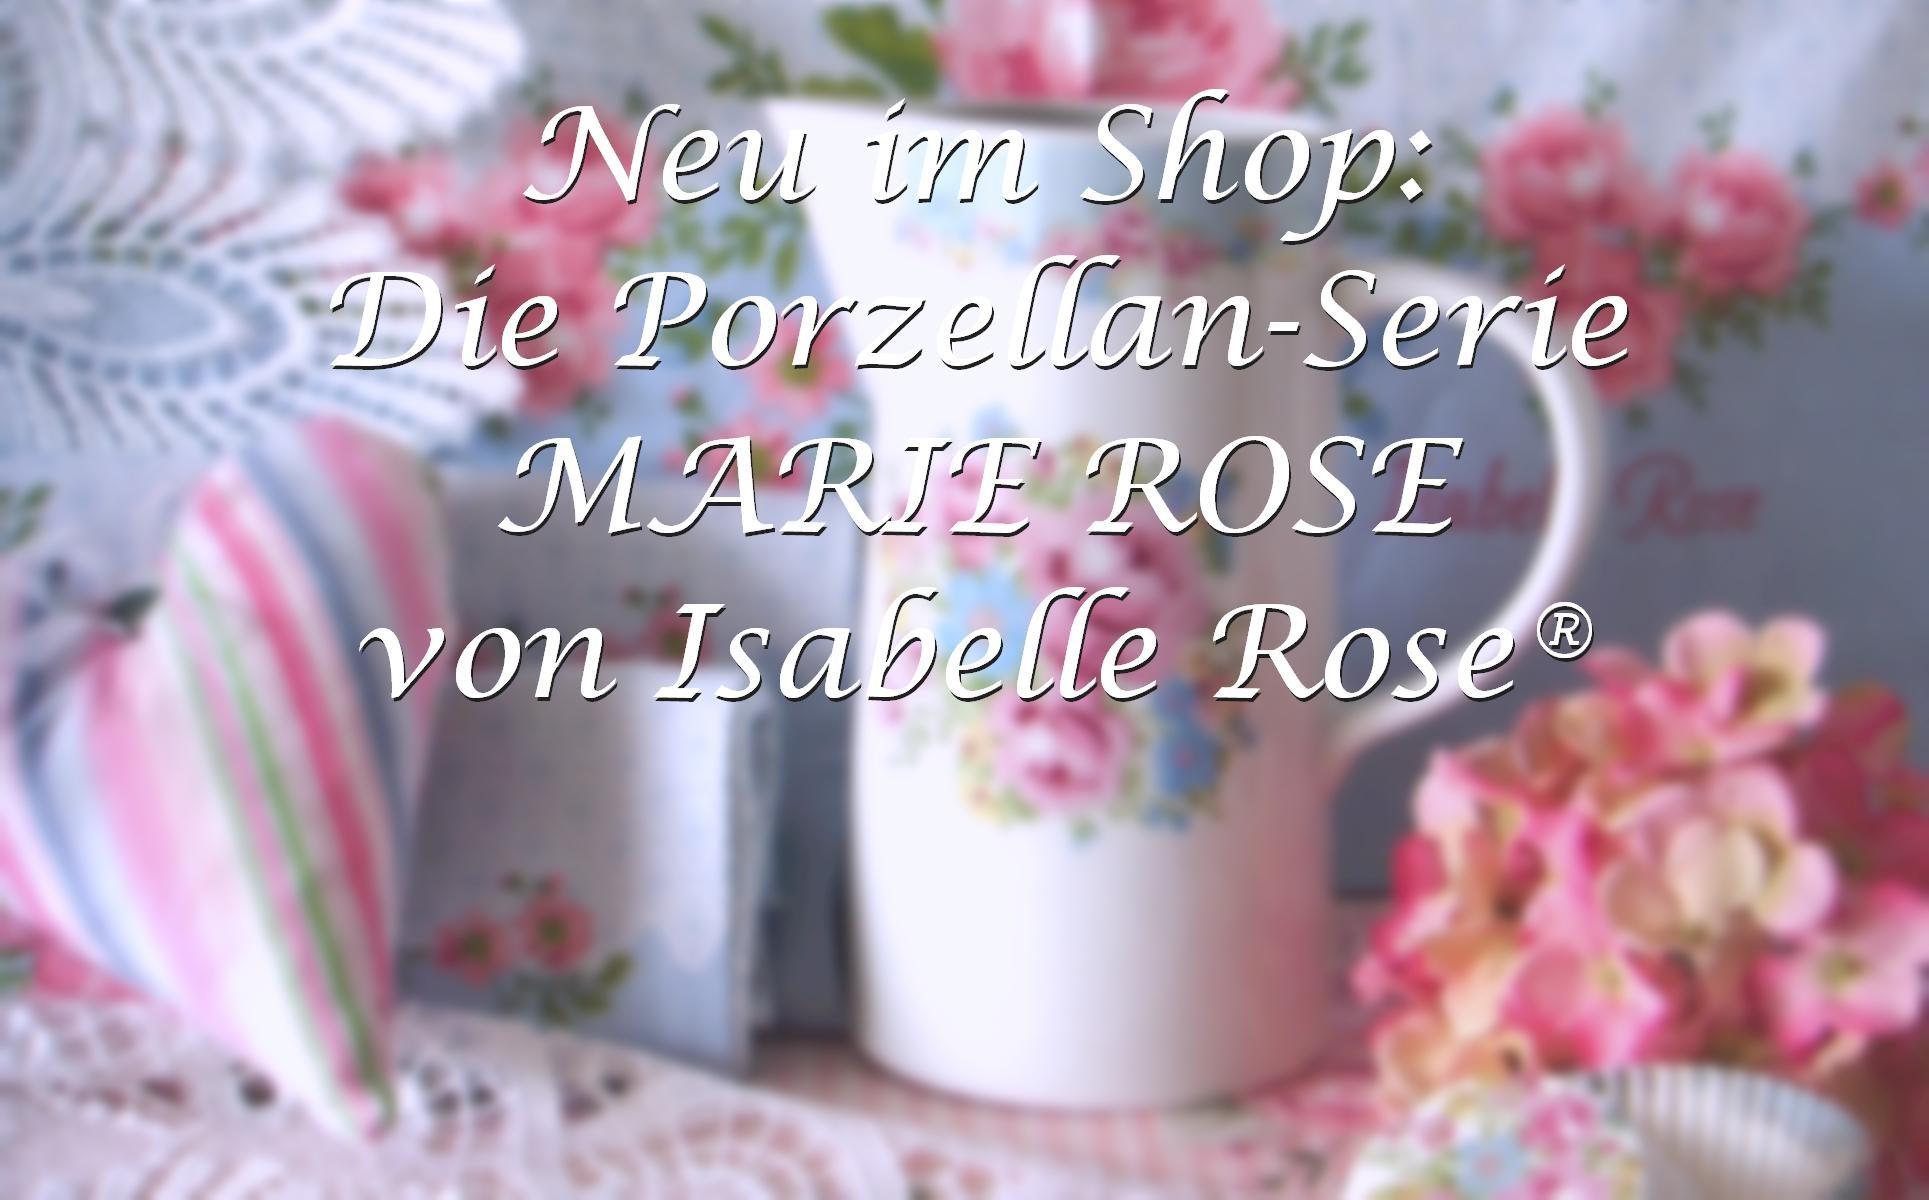 Porzellanserie MARIE ROSE von Isabelle Rose